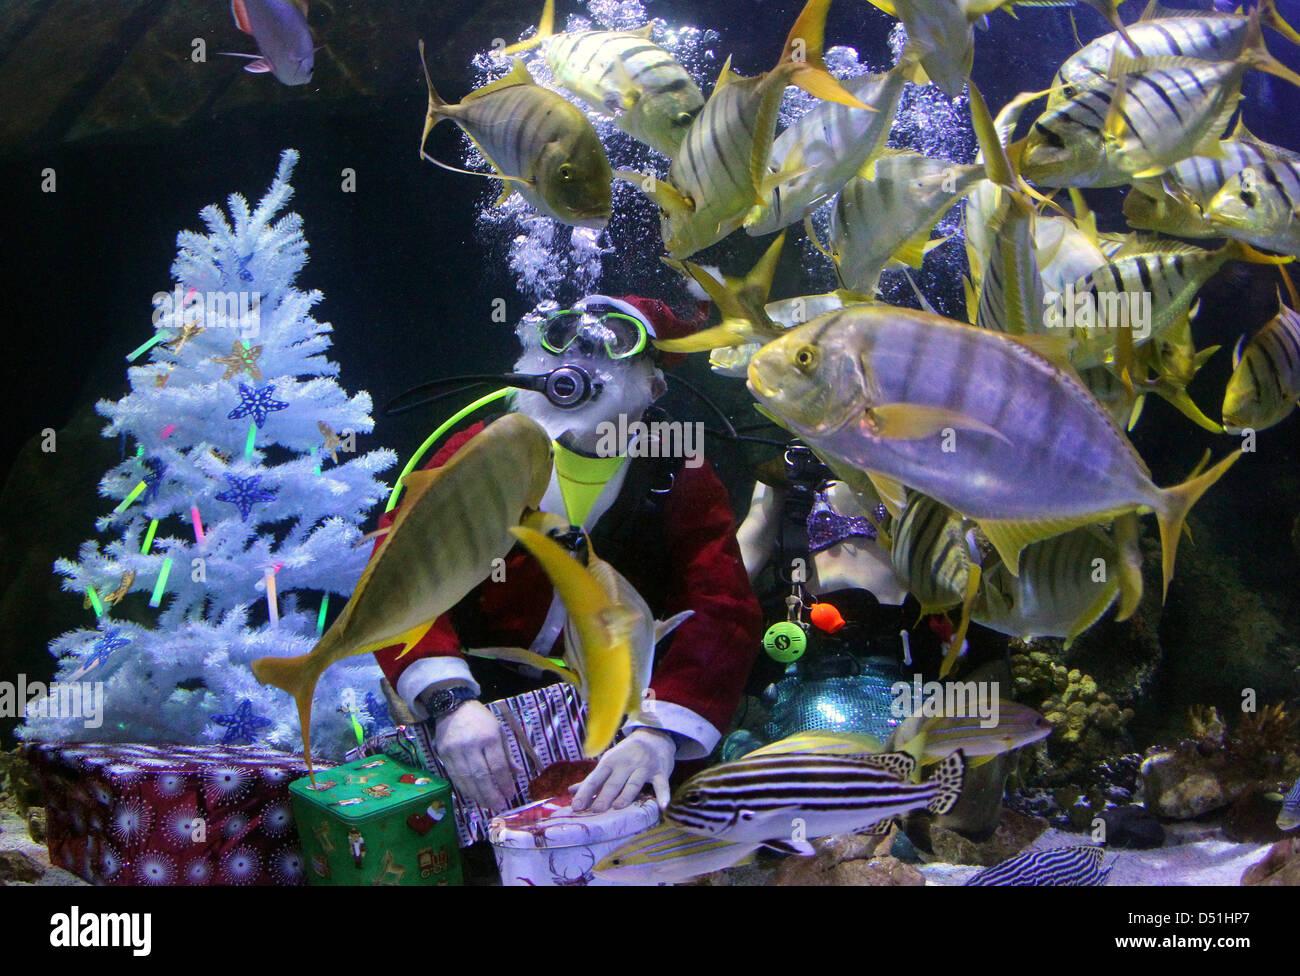 Fische sterben im aquarium